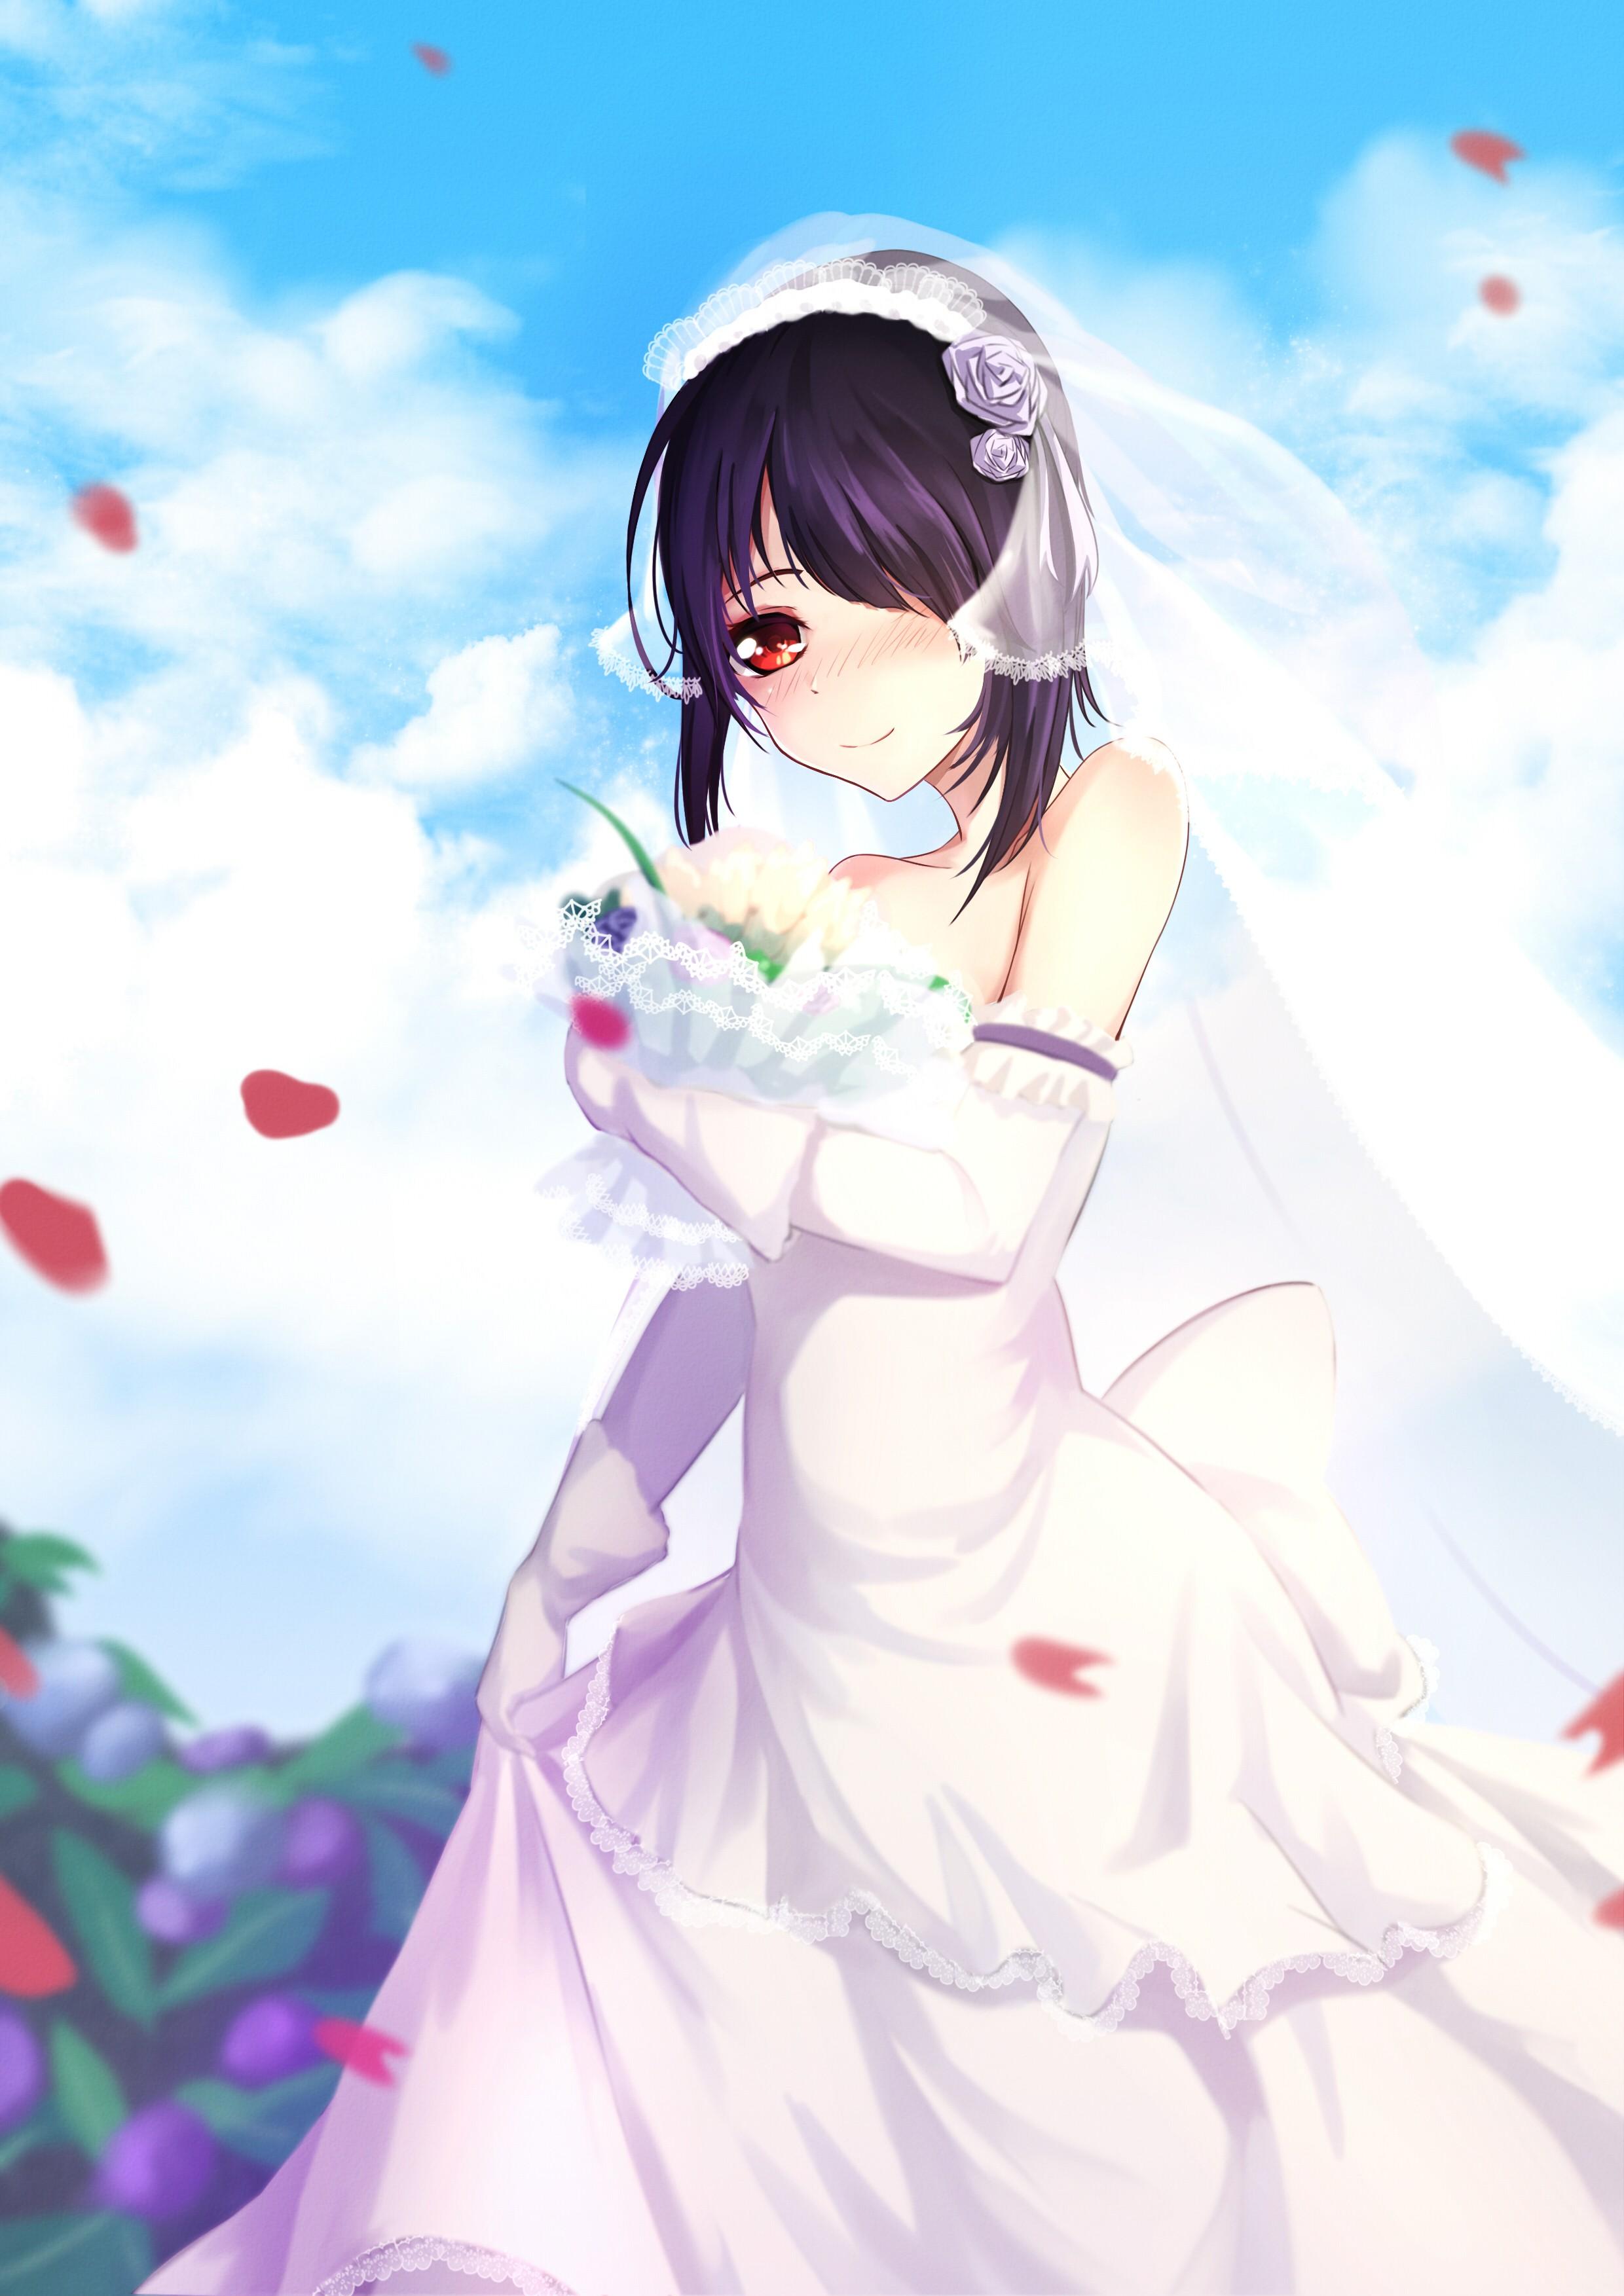 Аниме девушка в свадебном платье картинки